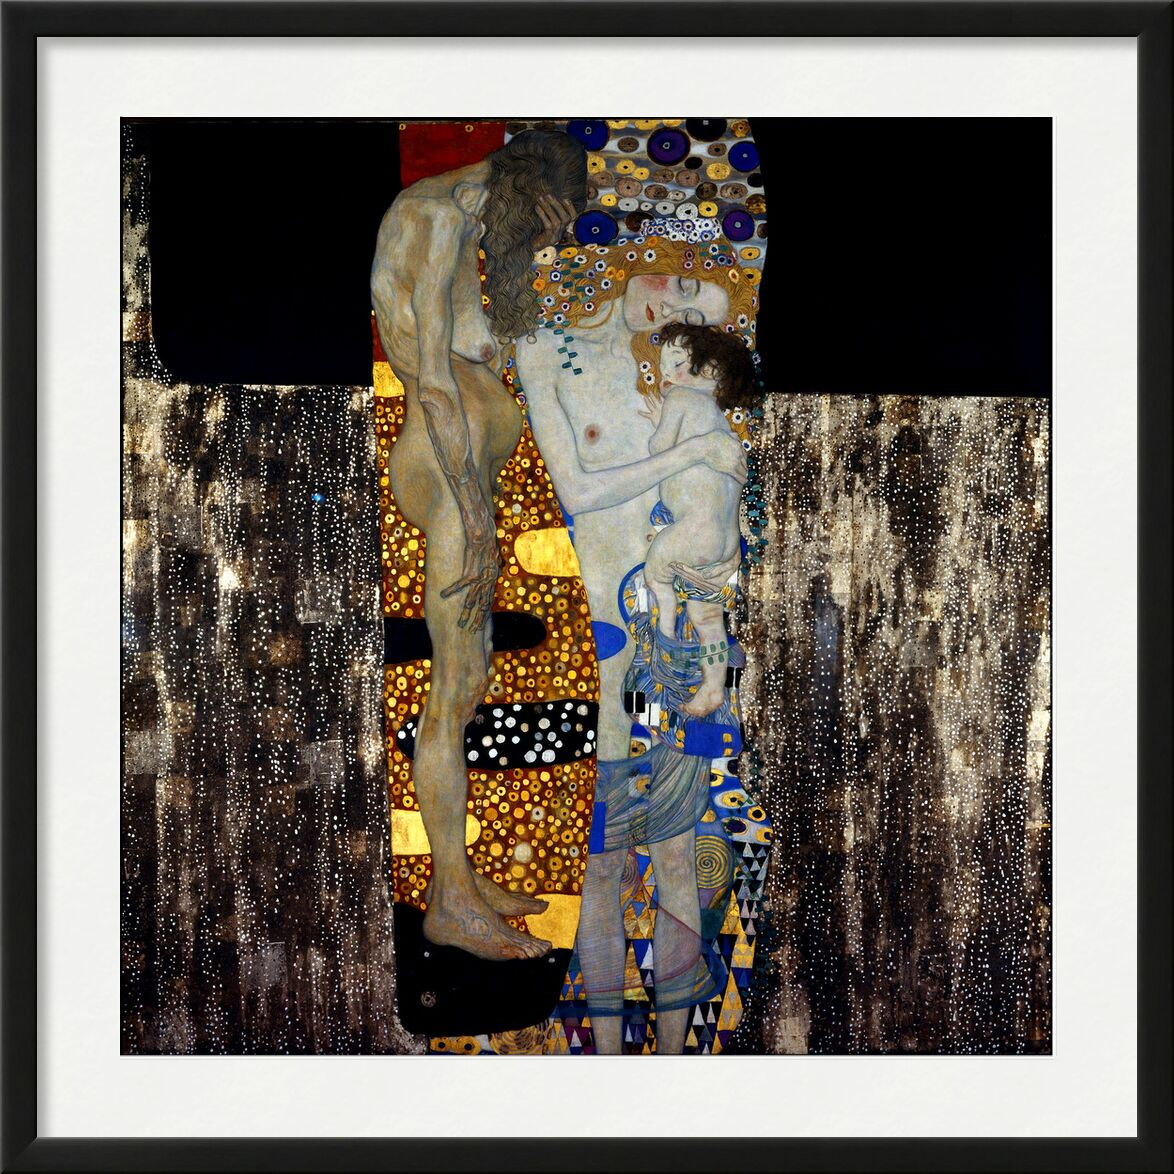 The Three Ages of Woman - Gustav Klimt von AUX BEAUX-ARTS, Prodi Art, größer werden, Alter, Alter, Tafel, Malerei, Kind, Frau, KLIMT